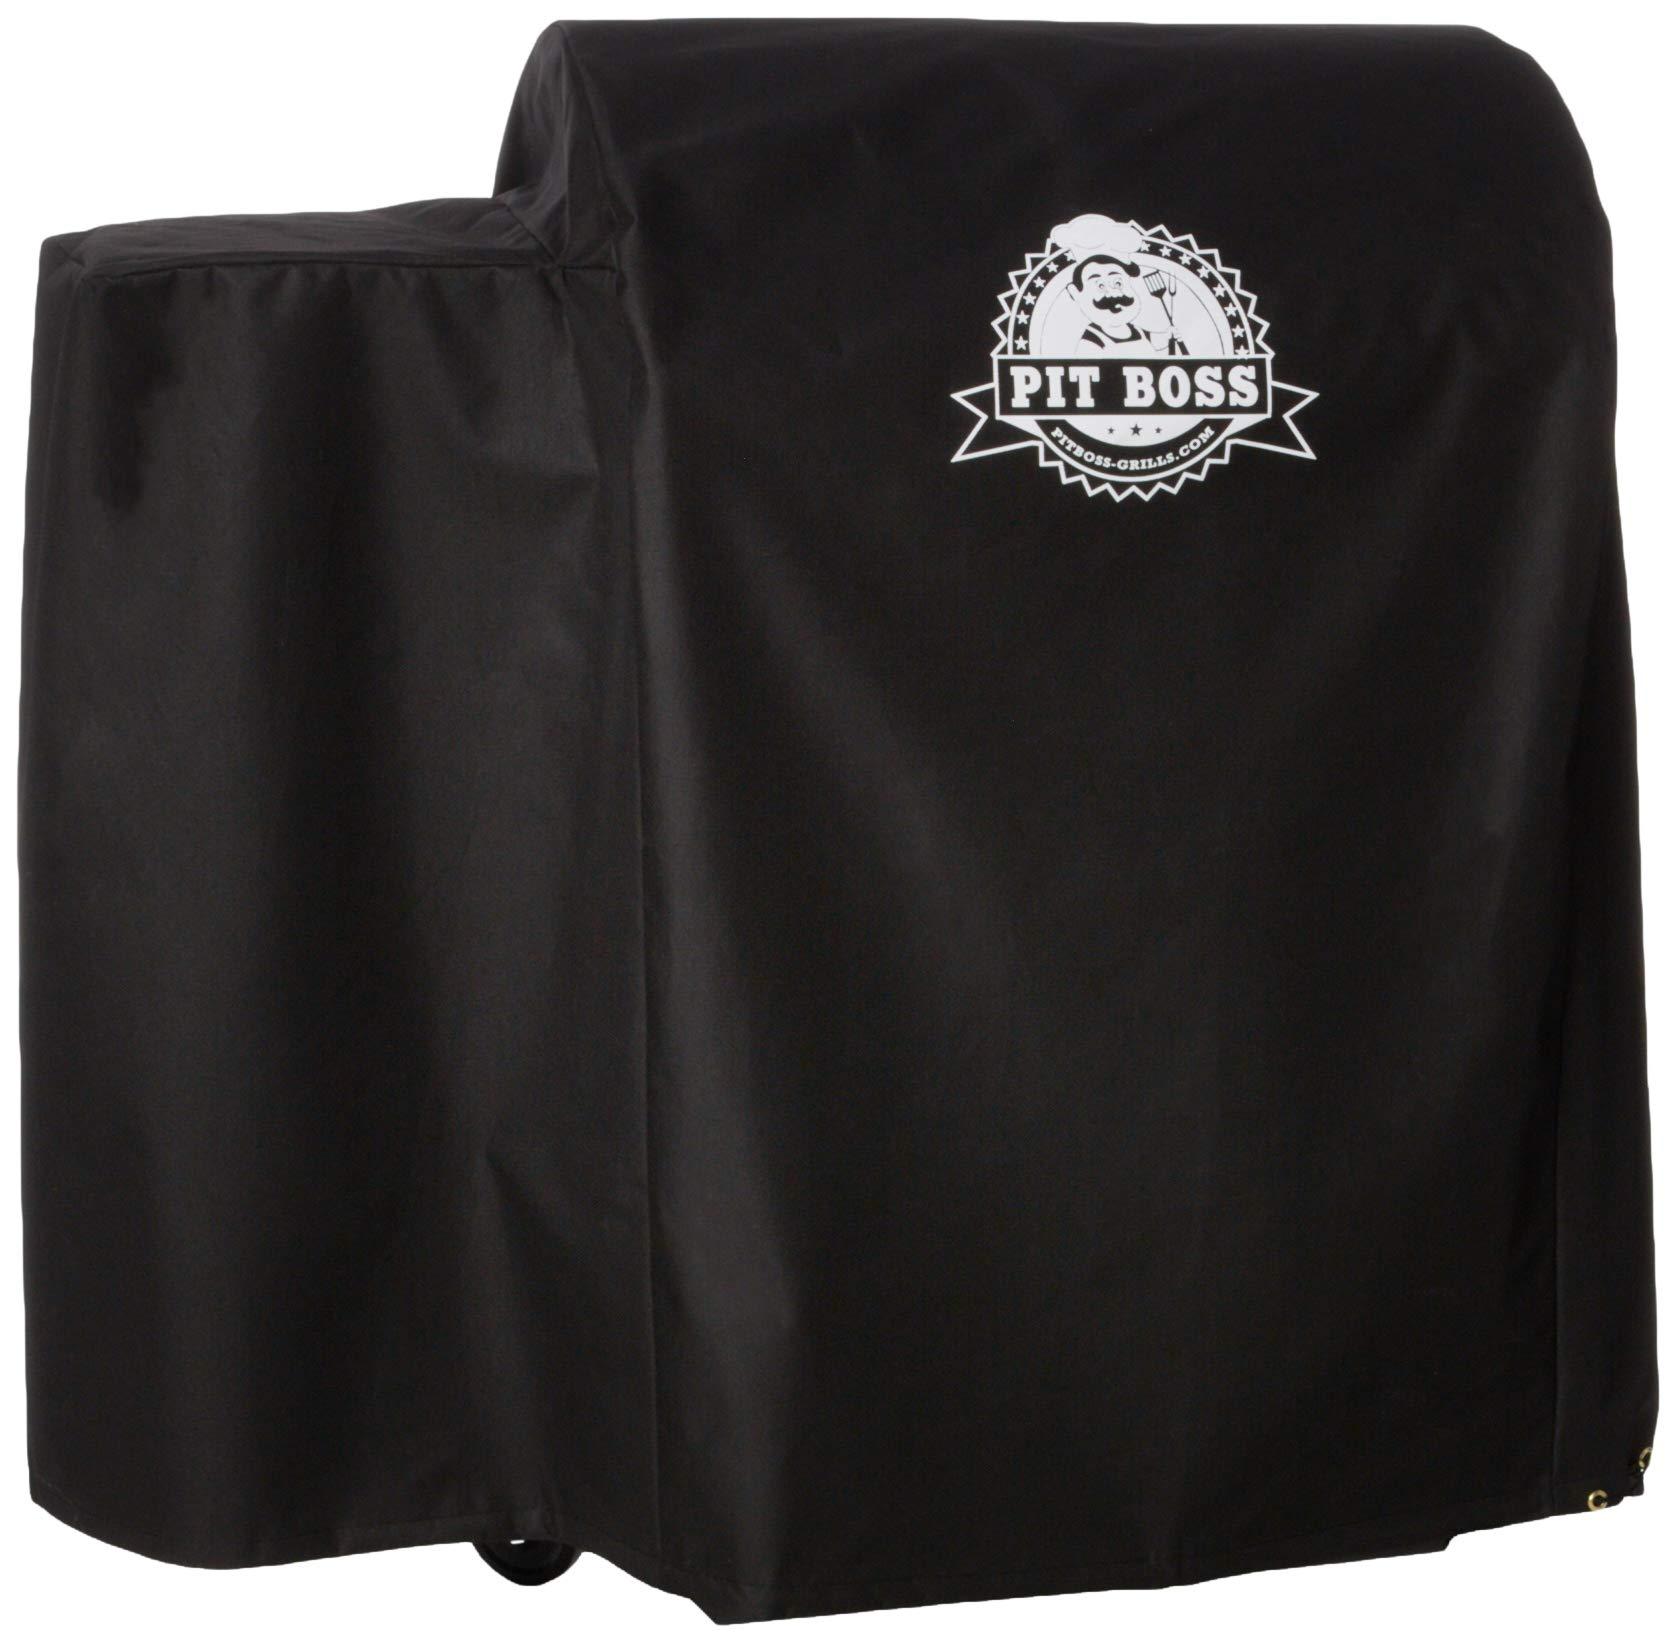 Char Griller 6659 Akorn JR Grill Cover Black